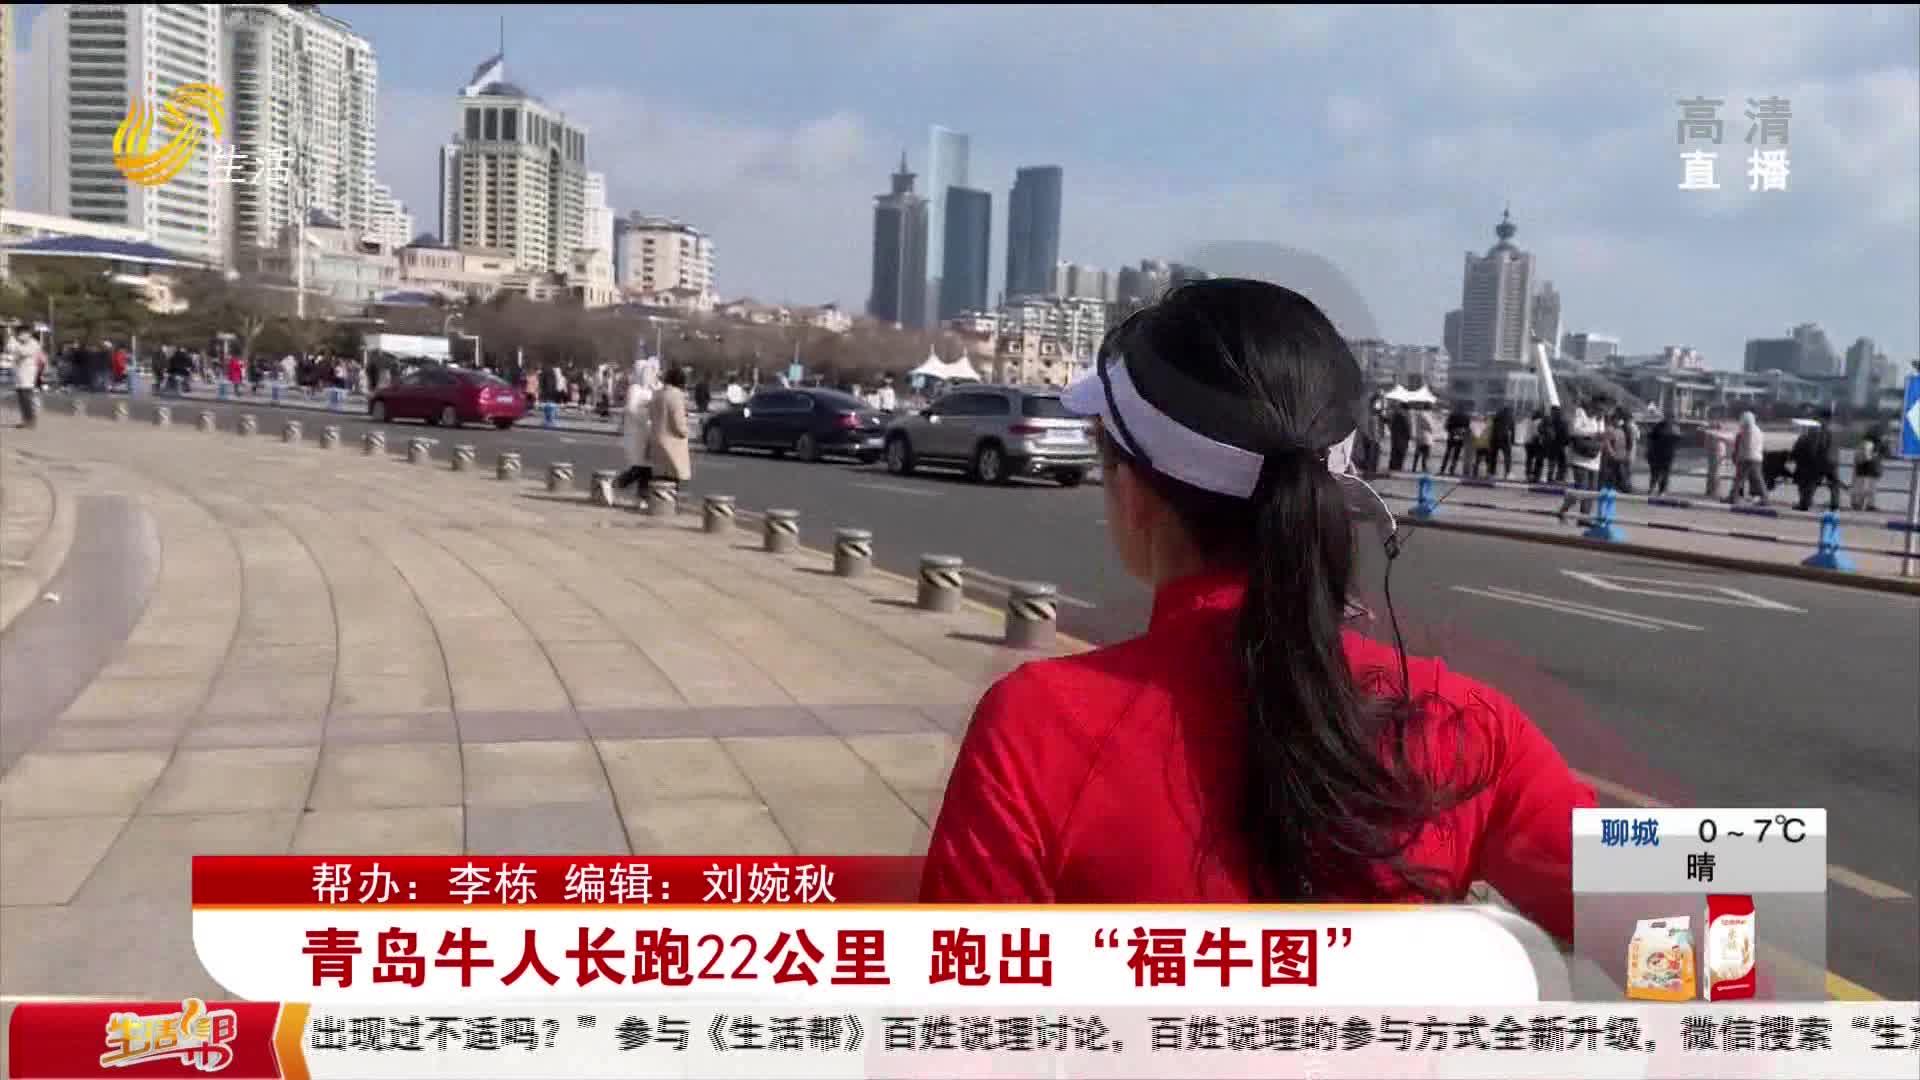 """青岛牛人长跑22公里 跑出""""福牛图"""""""